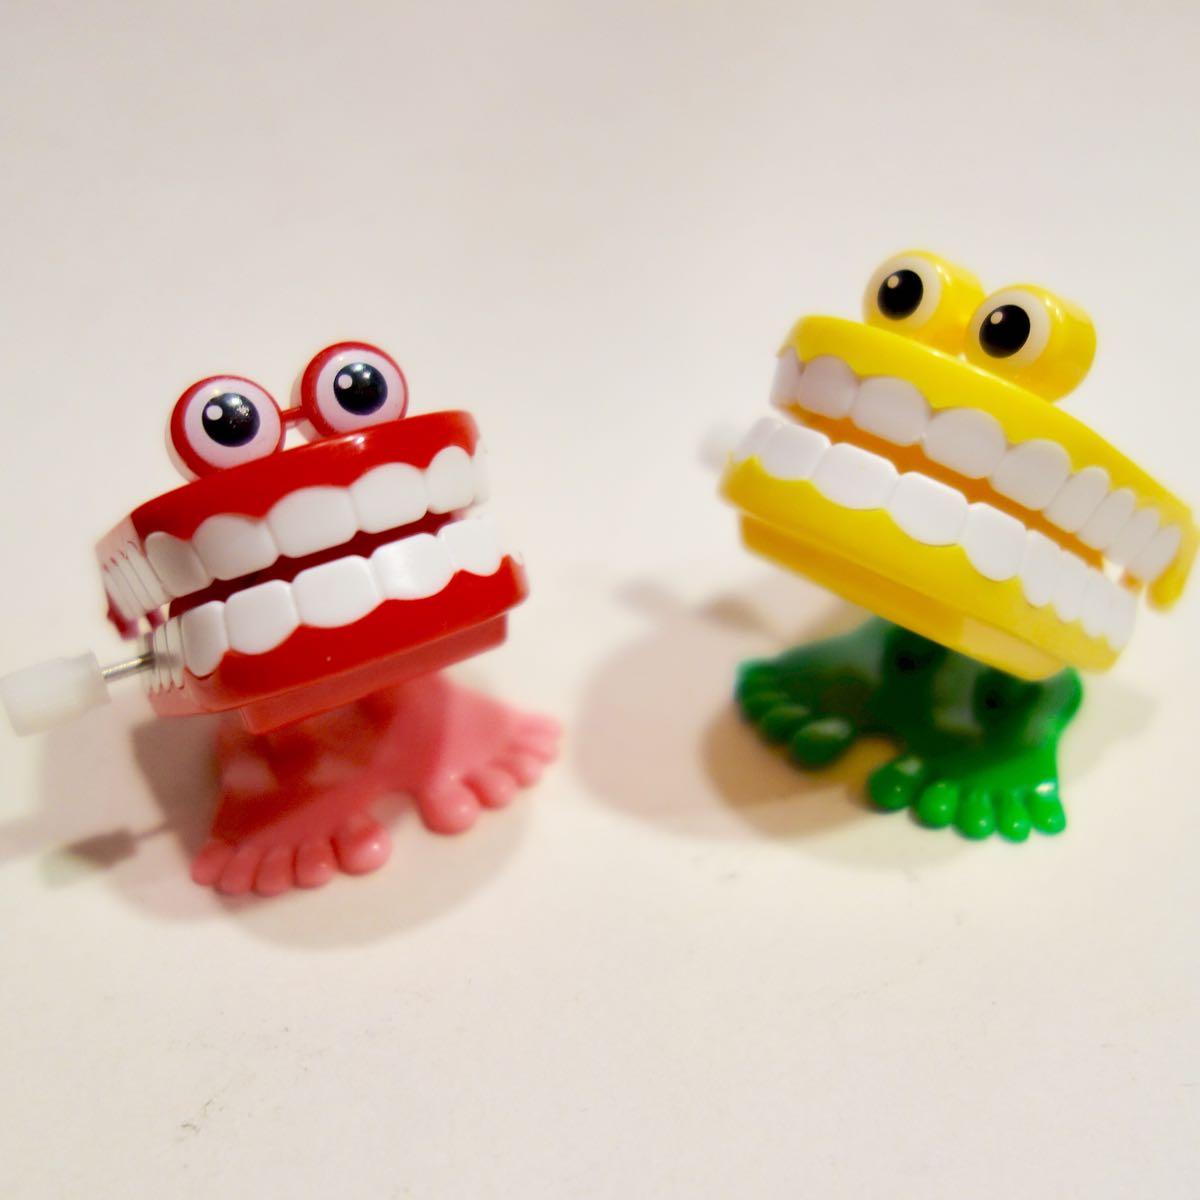 目付きの口のピョコピョコ人形 ぜんまい仕掛け 2個セット レッドとイエロー2個セット トコトコ ワインドアップ ゼンマイ トイ TOY 玩具